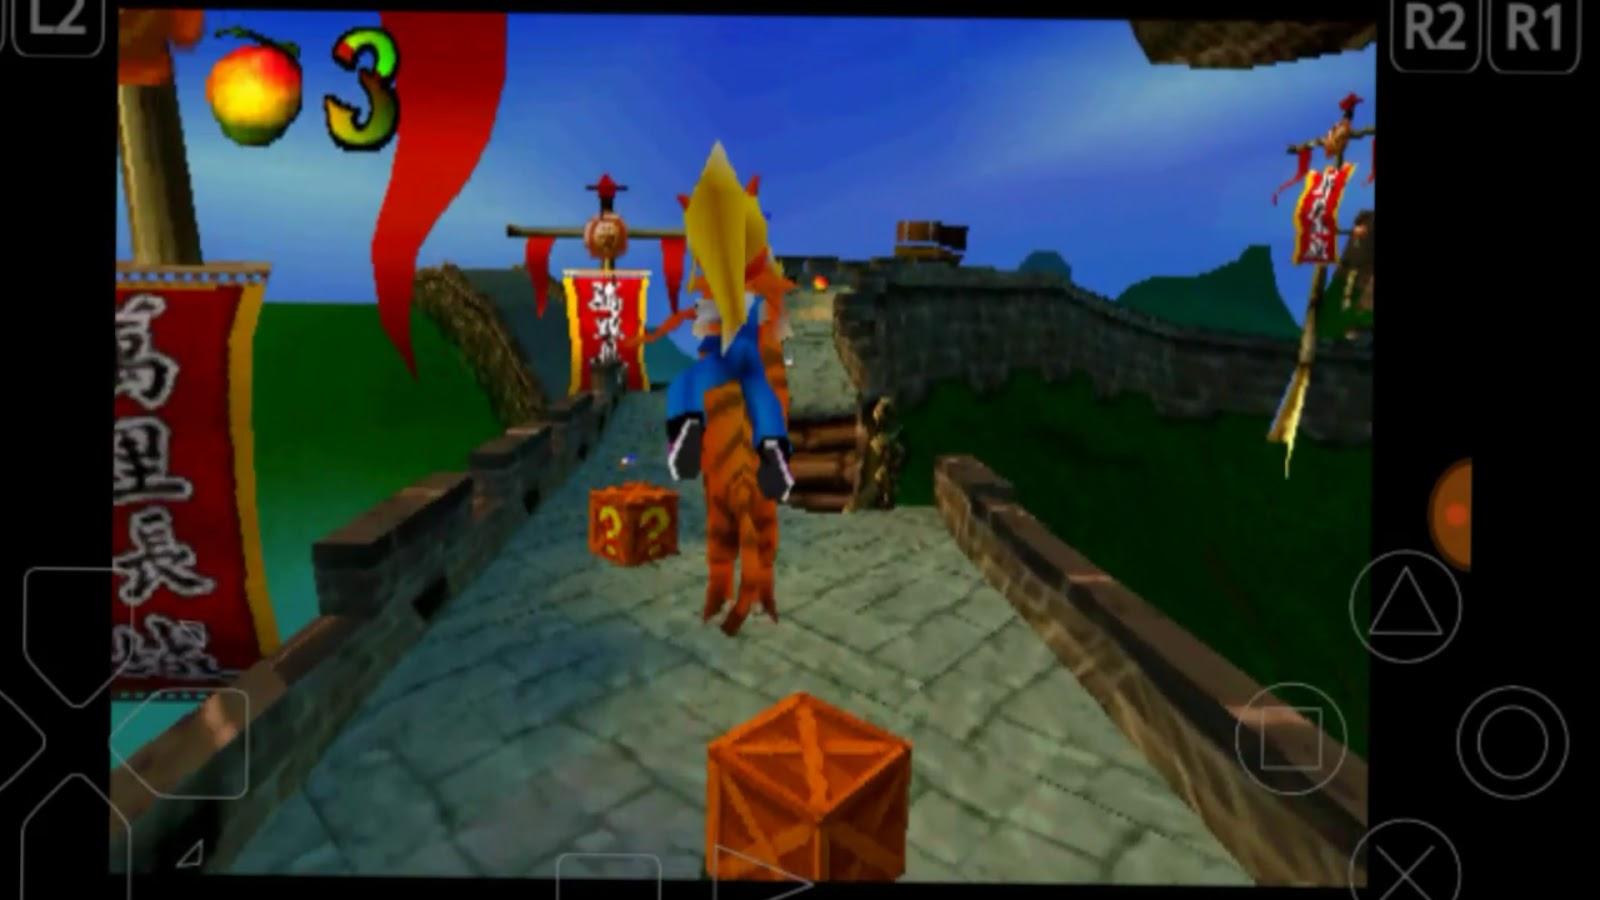 تحميل لعبة كراش Crash Bandicoot للأندرويد بدون محاكيبصيغة